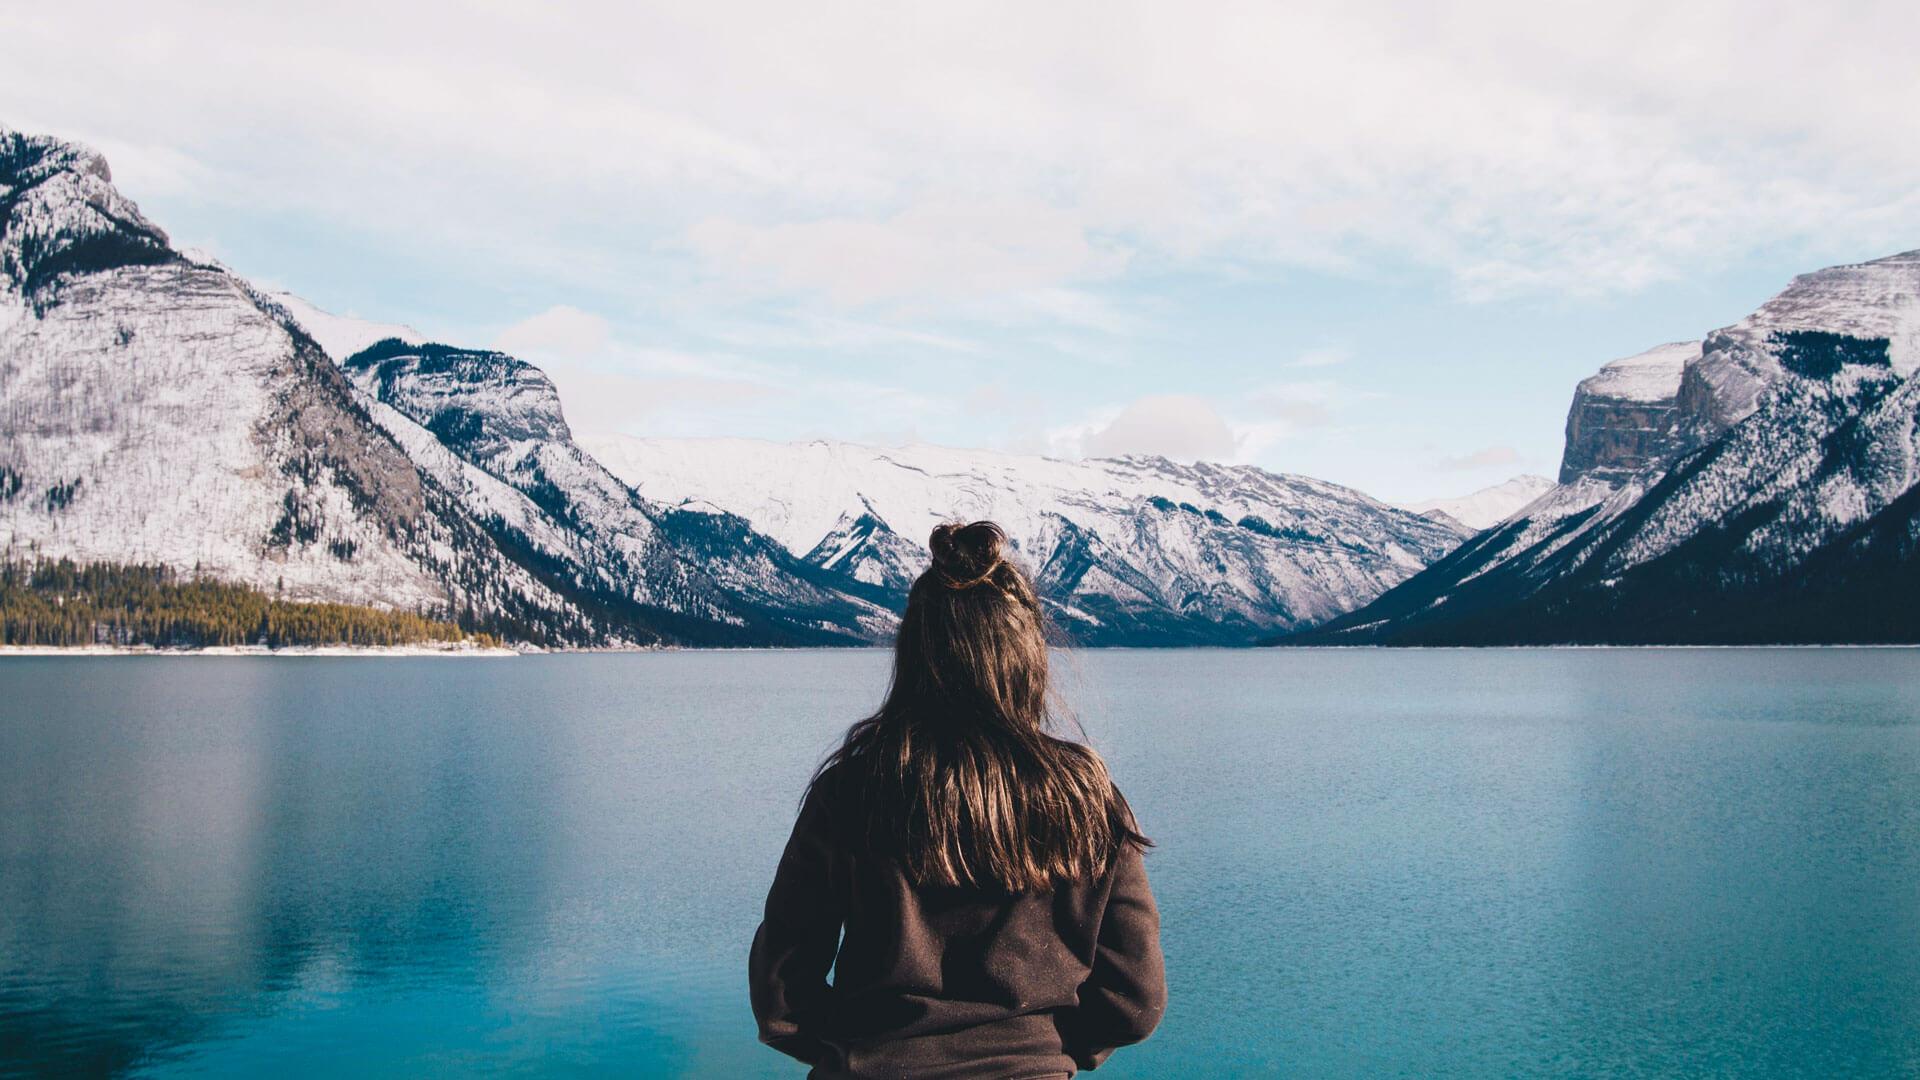 Découverte de Banff et ses trésors naturels